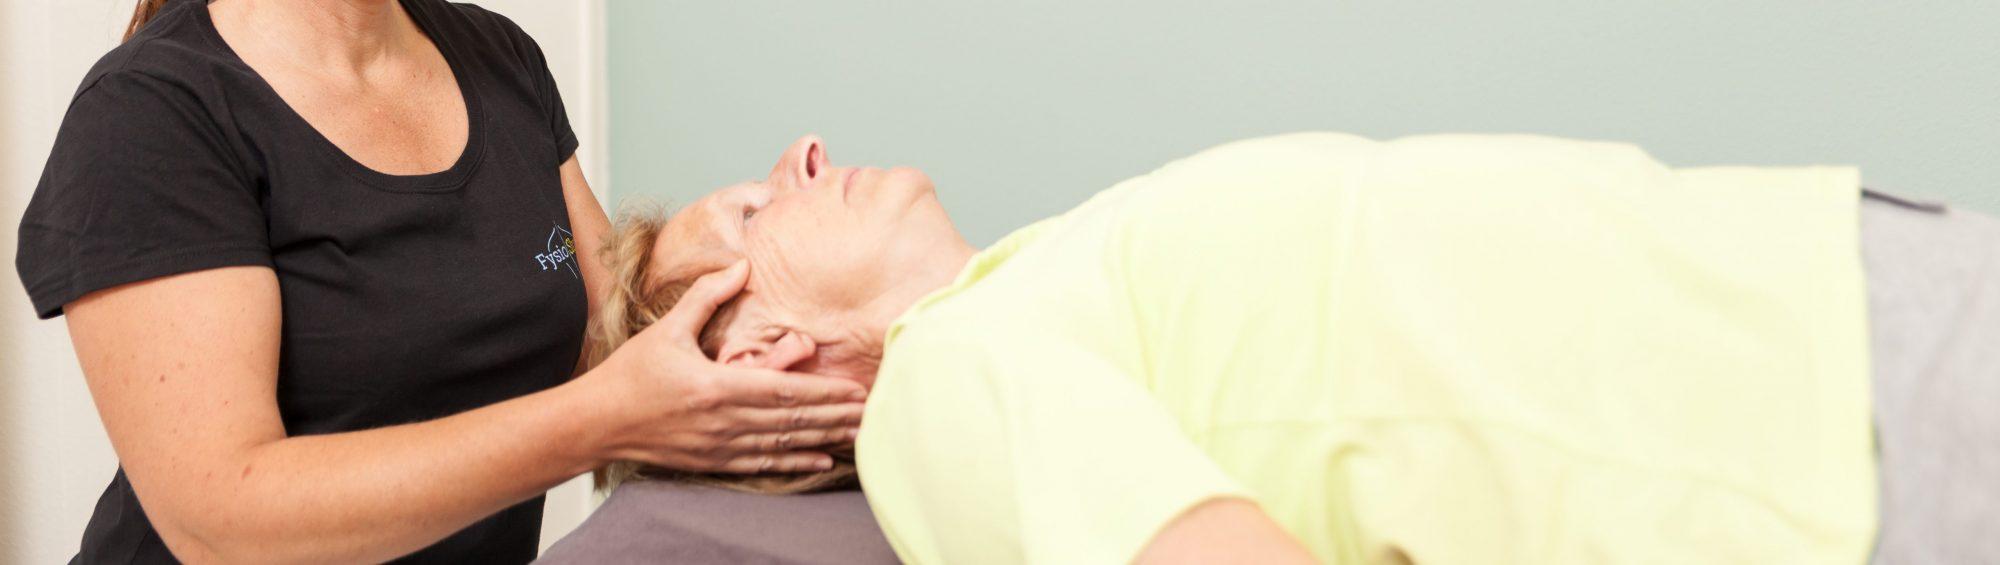 fysiotherapie, Boxtel, fysiotherapeut, fysiotherapiepraktijk, behandelingen, hoofdklachten, hoofdpijn, nekklachten, nekpijn